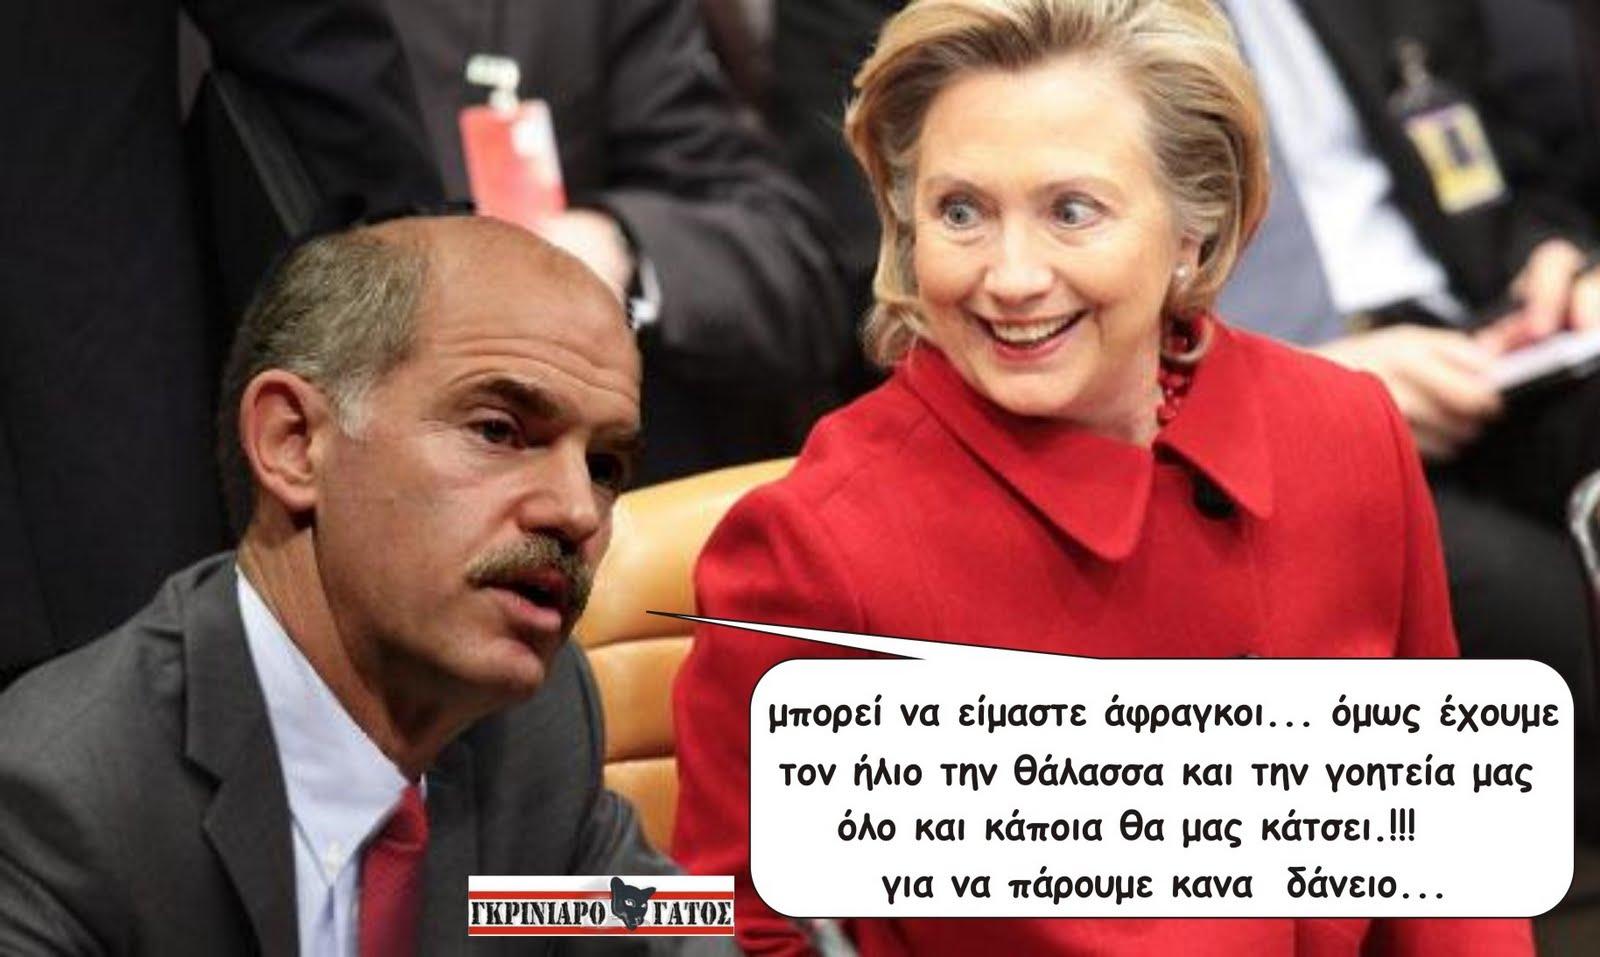 http://4.bp.blogspot.com/_l8shCq5yeSg/S5awxnRptvI/AAAAAAAAA3A/Xt09UPNR9Yg/s1600/greece%2Bkamaki.jpg